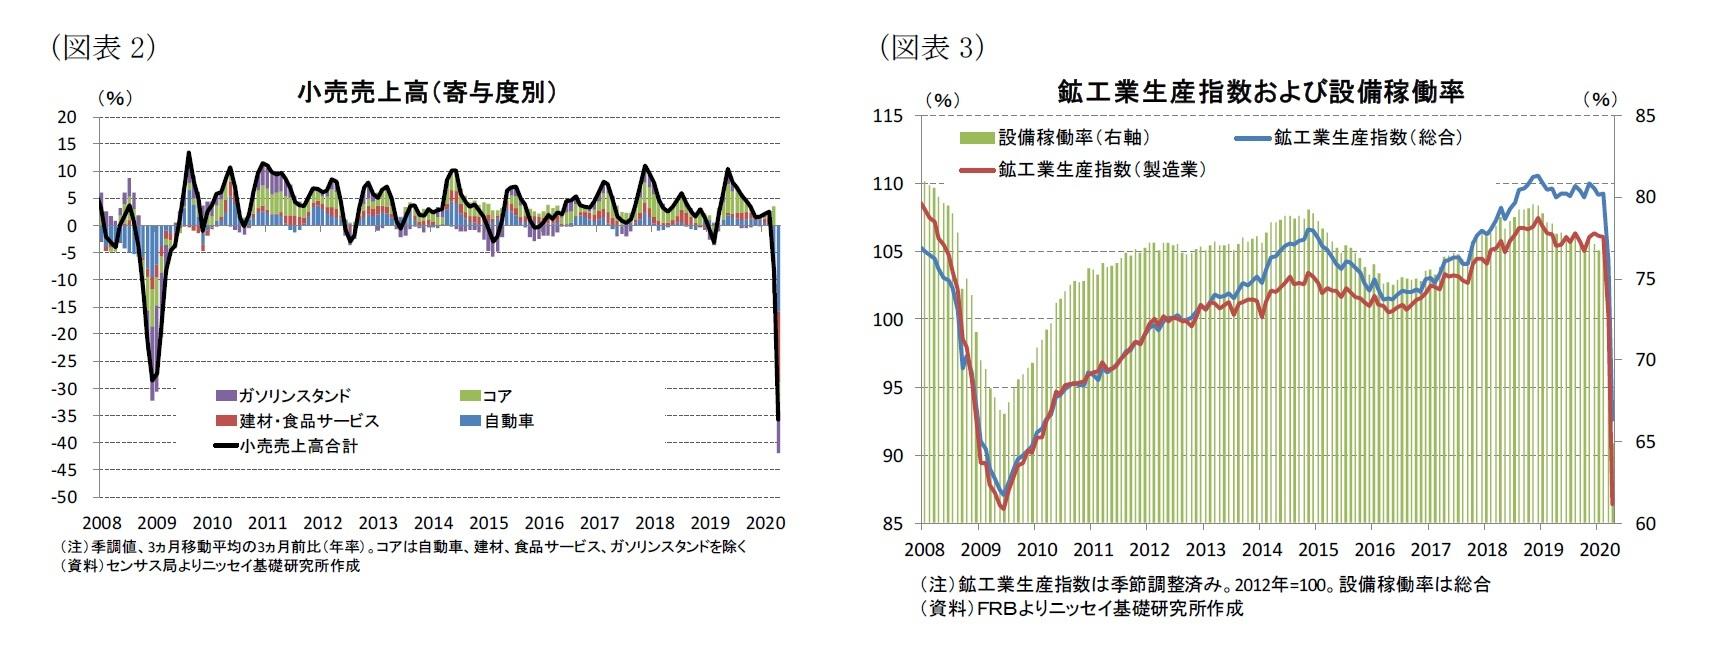 (図表2)小売売上高(寄与度別)/(図表3)鉱工業生産指数および設備稼働率